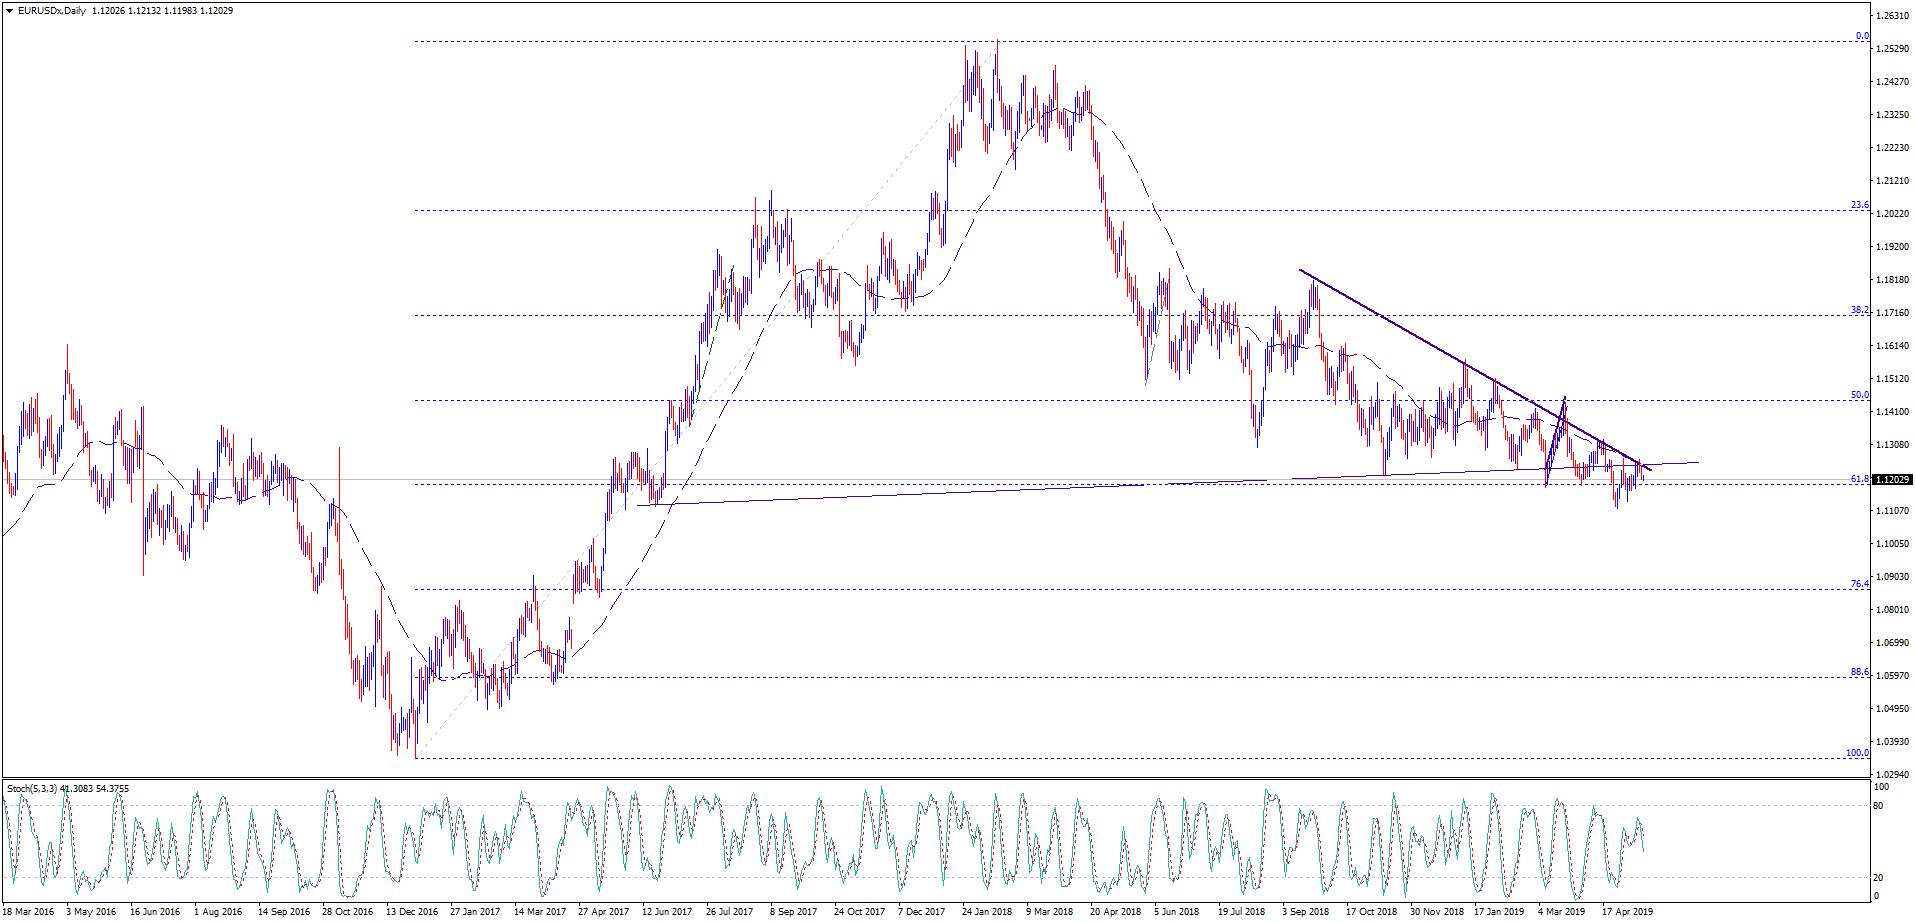 التحليل الفني لليورو مقابل الدولار 15/05/2019